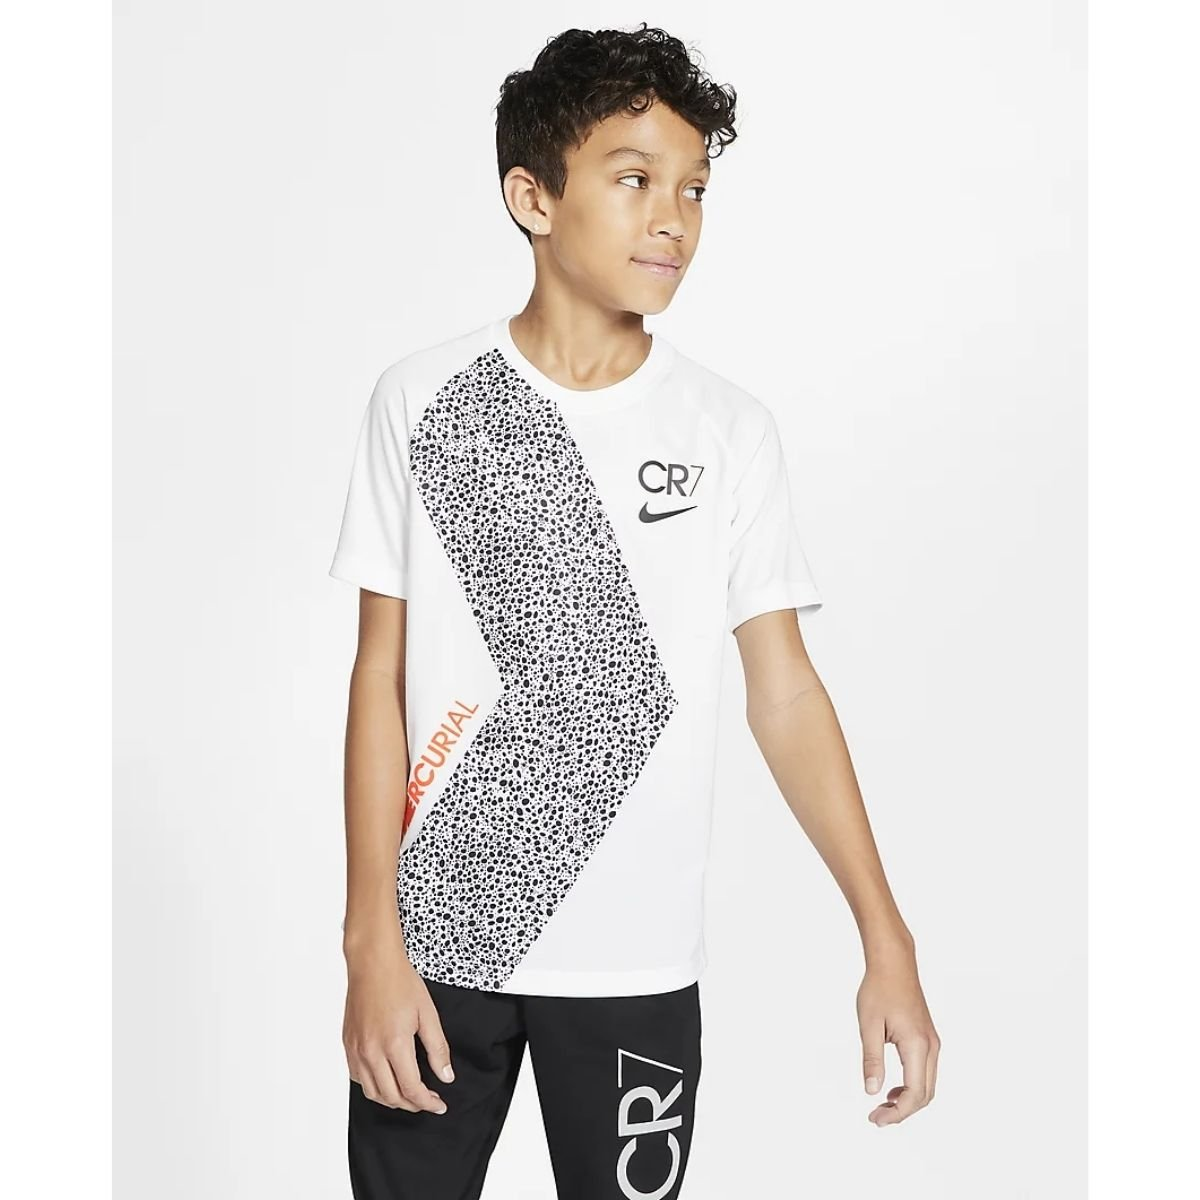 T-Shirt Nike CR7 In Dri-Fit...